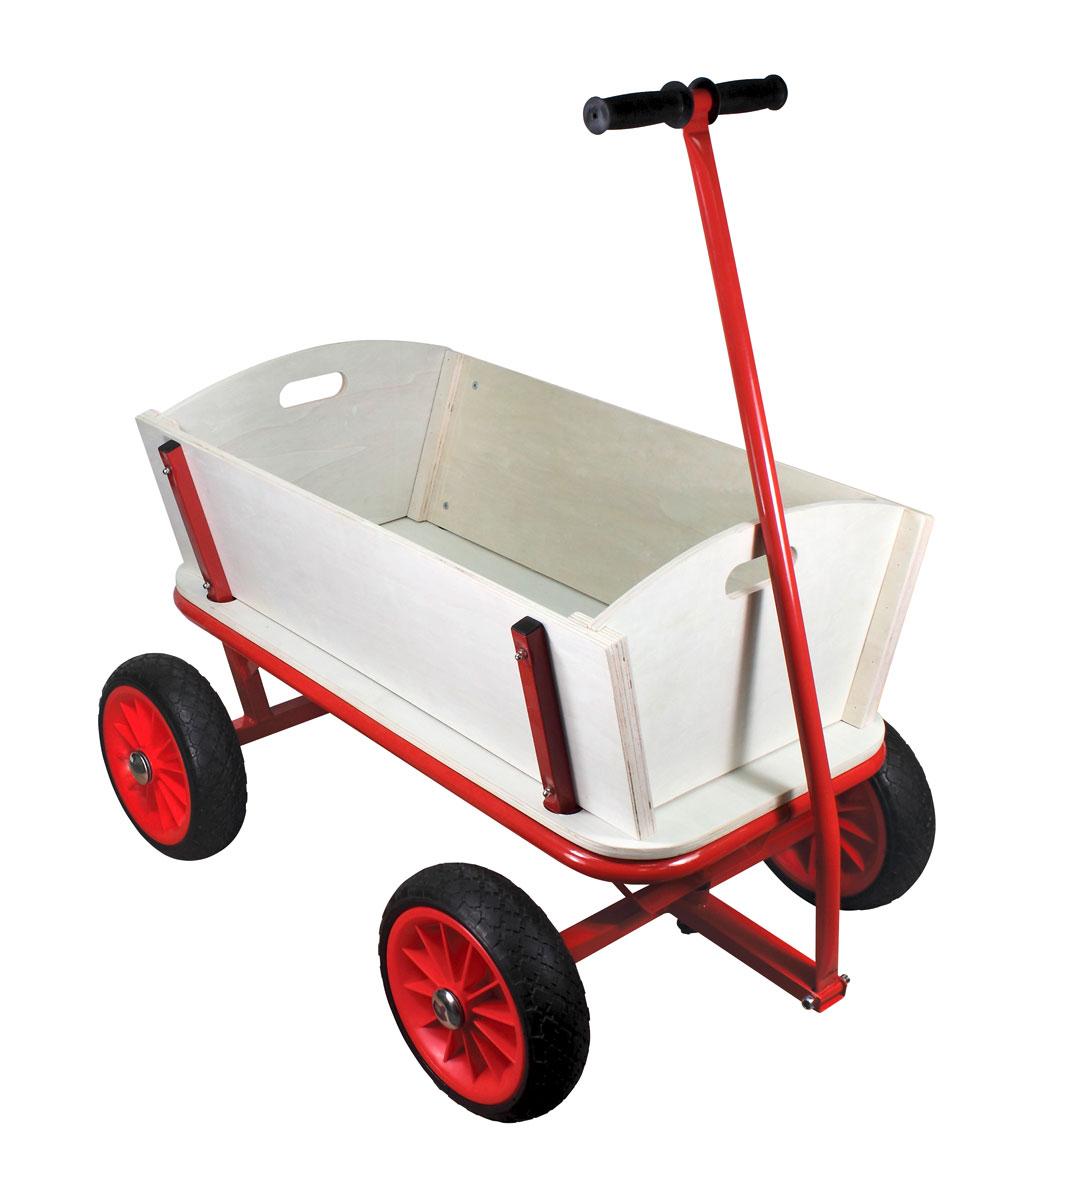 bollerwagen mit pu reifen und metallrahmen g nstig online kaufen. Black Bedroom Furniture Sets. Home Design Ideas